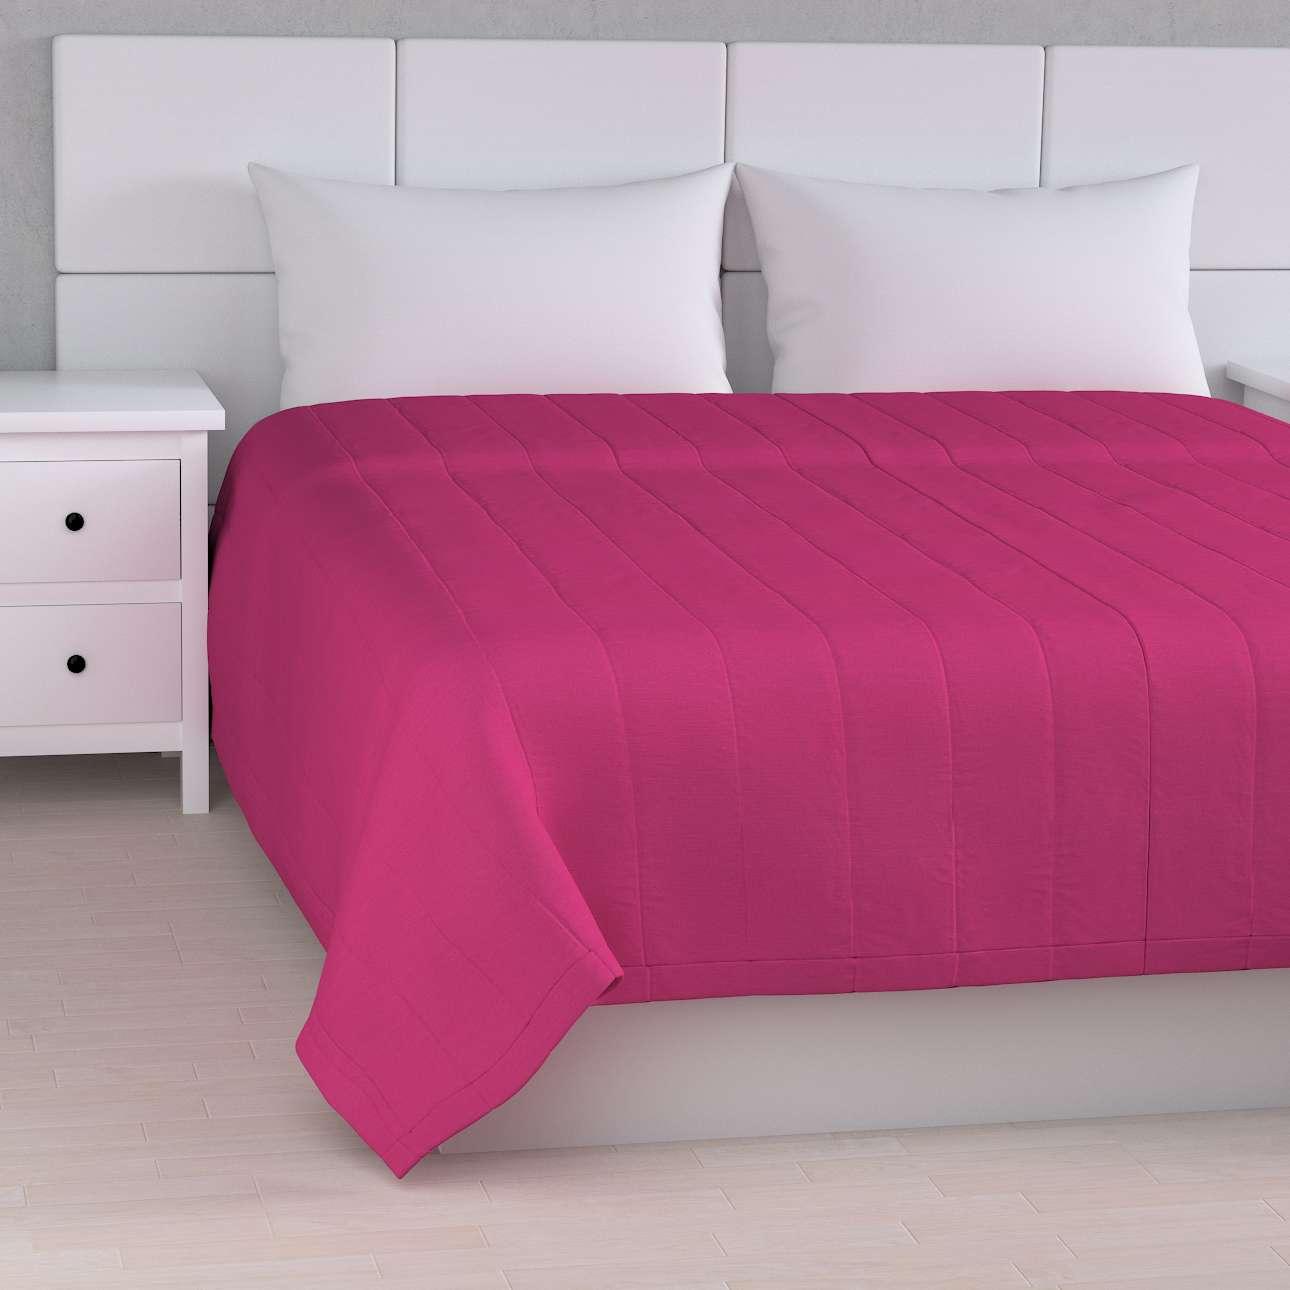 Prehoz na posteľ jednoduchý 260 x 210 cm V kolekcii Loneta, tkanina: 133-60